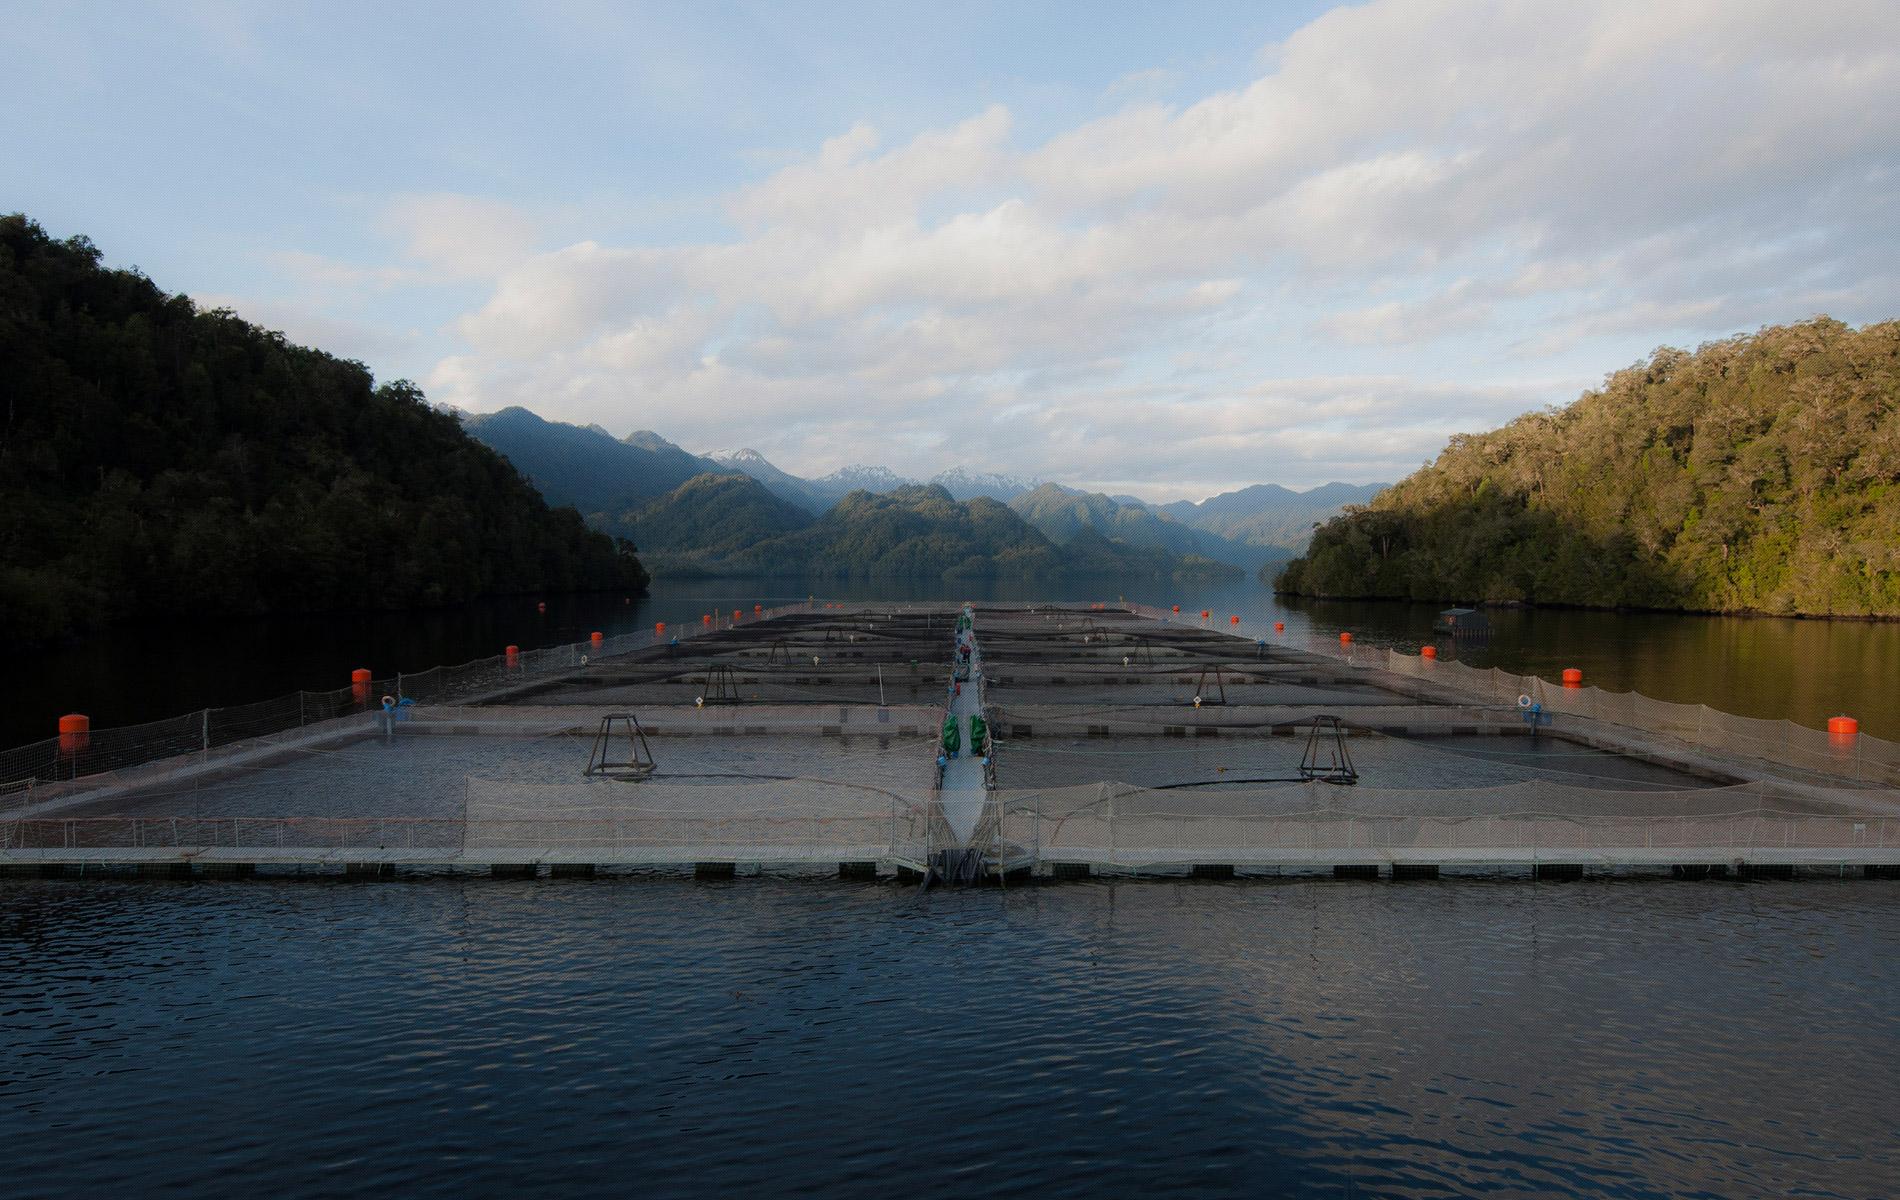 Hendrix Genetics y Salmones Aysén se asocian para mejorar la genética del salmón coho en Chile